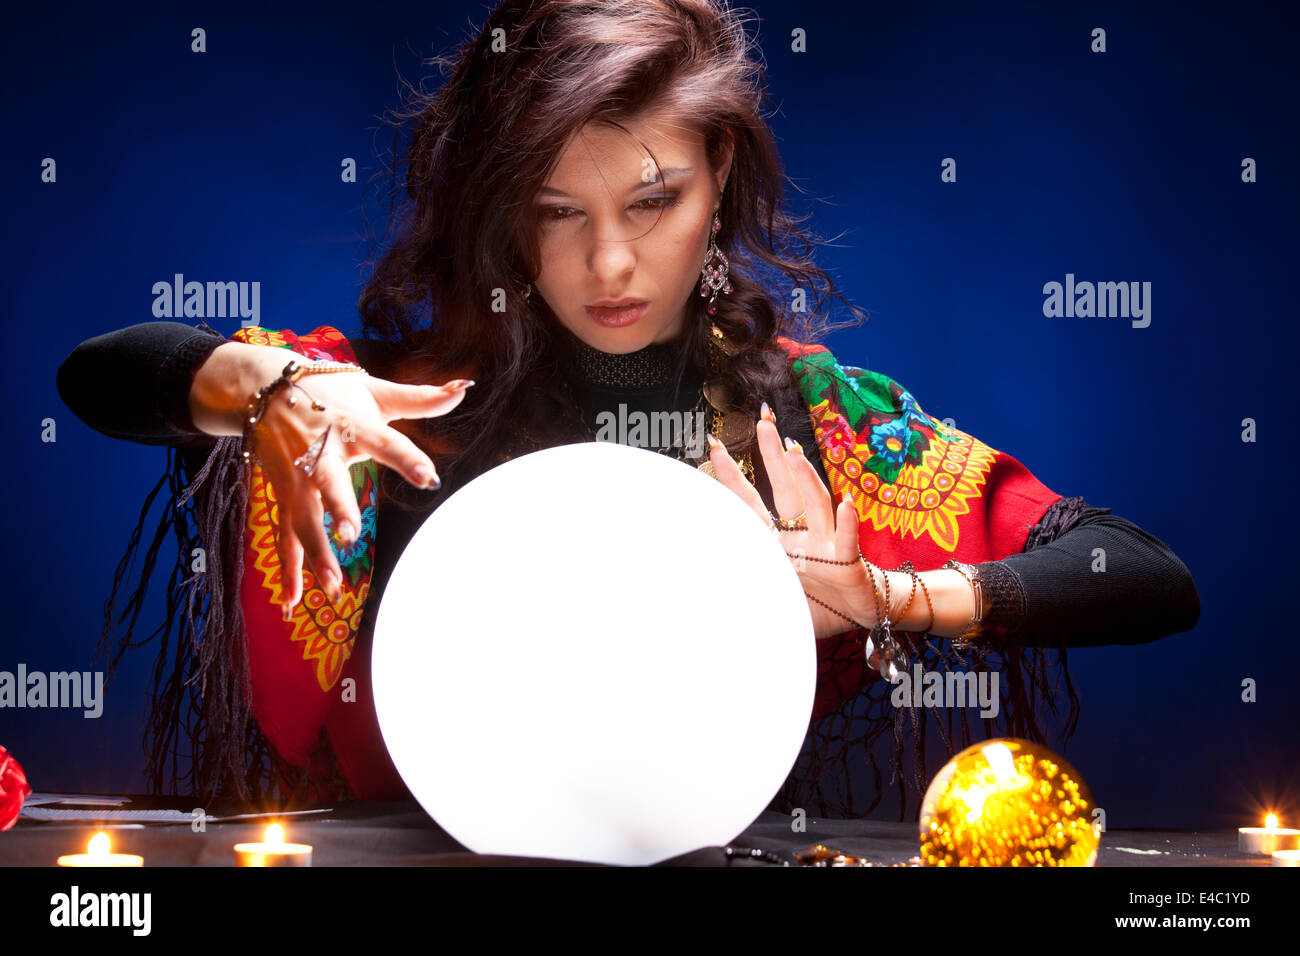 Fortune teller - Stock Image